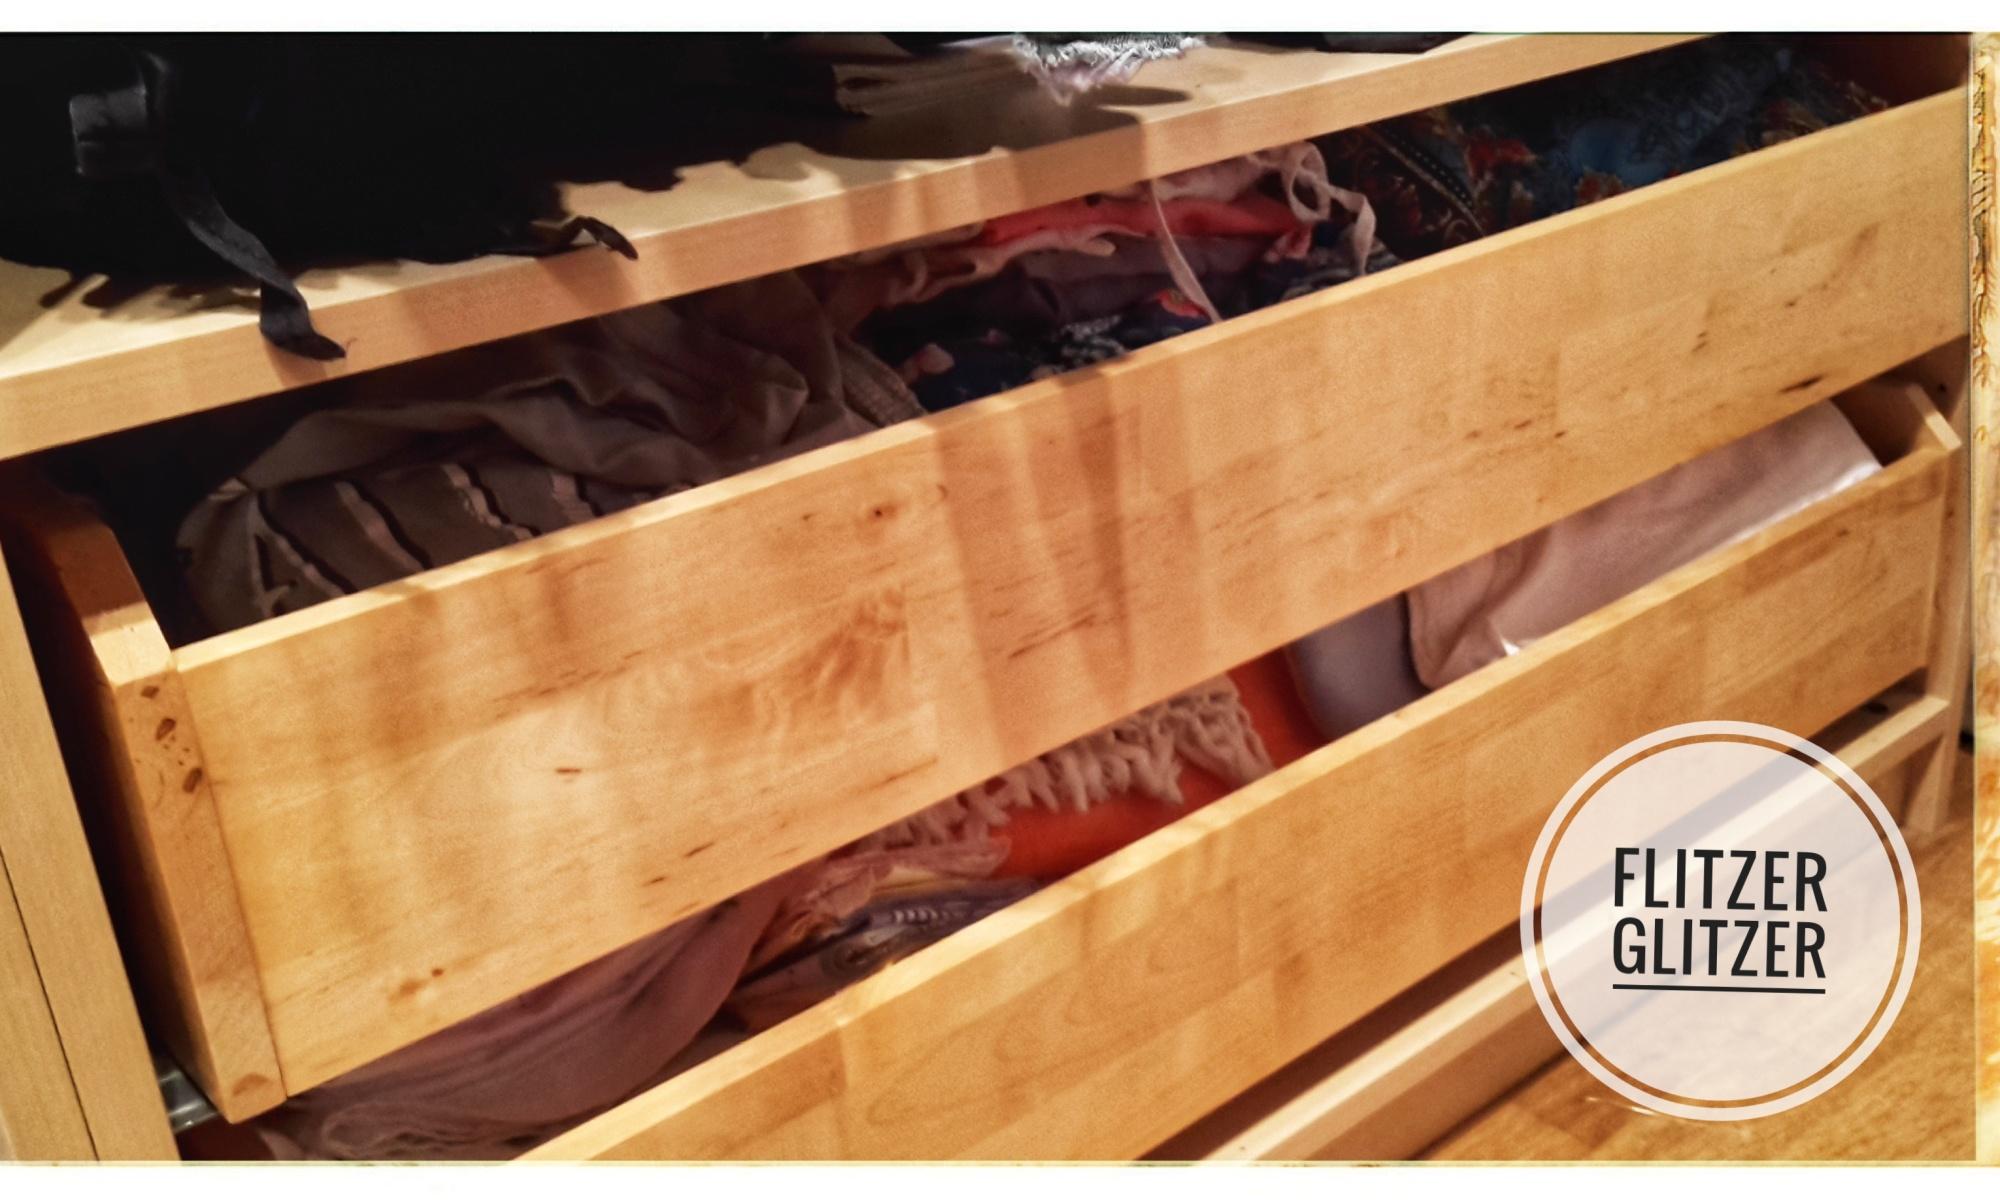 Zwei Holzschubläden in denen vermutlich viel Platz für Diverses ist.